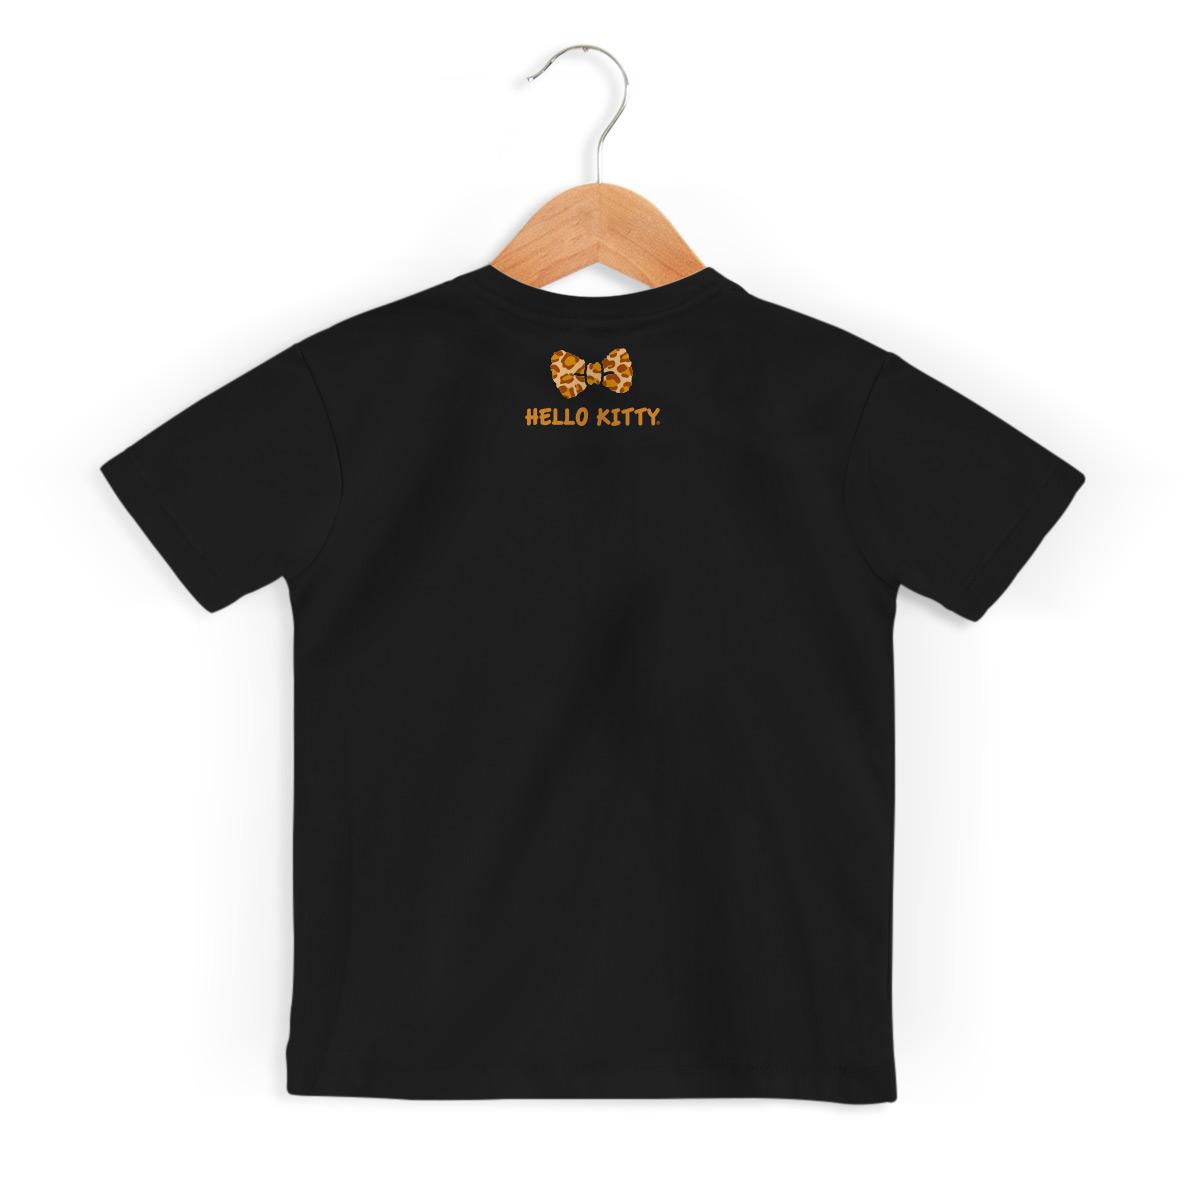 Camiseta Infantil Hello Kitty Print Fuzzy